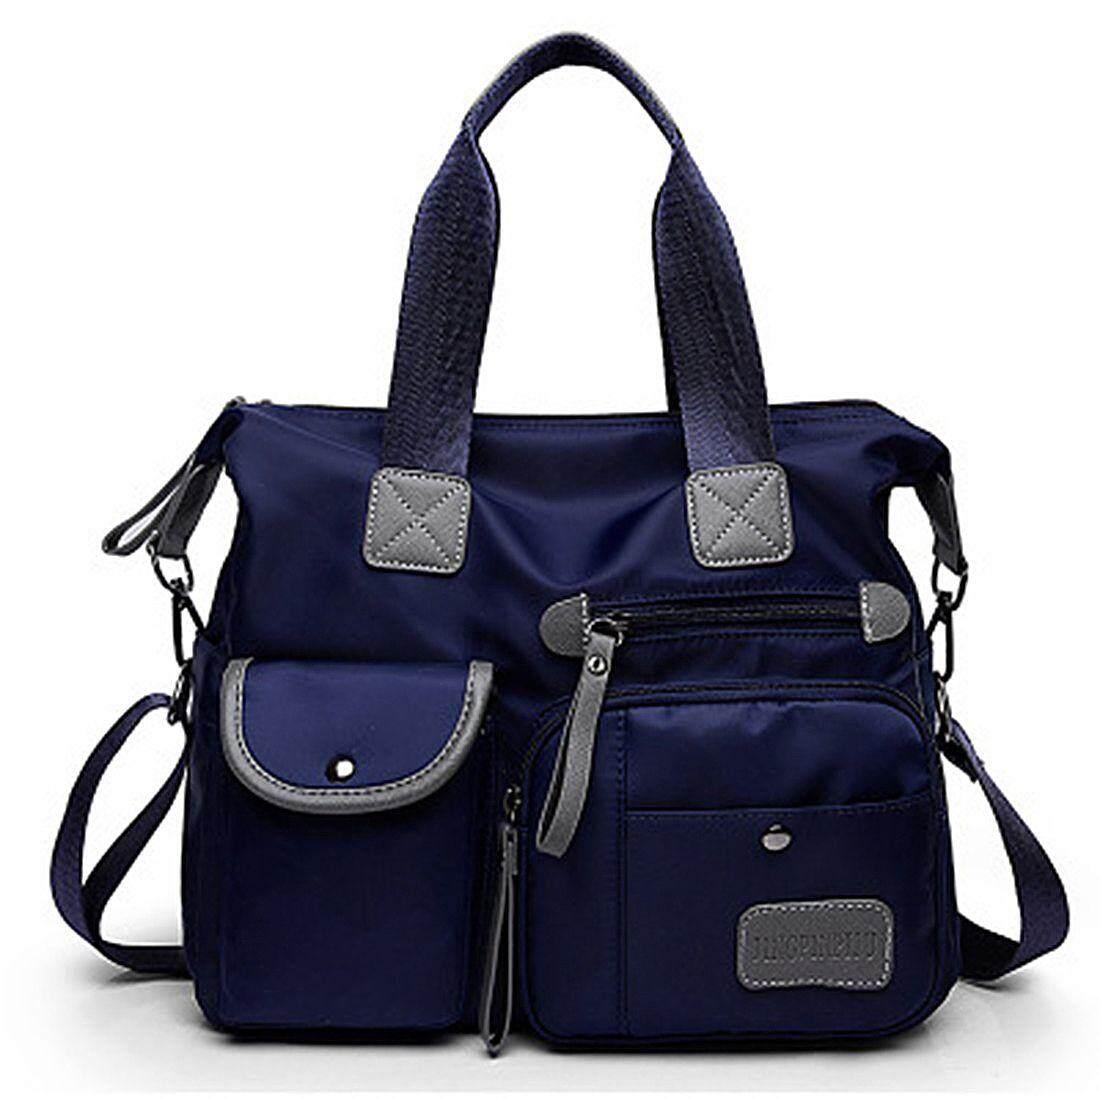 กระเป๋าเป้ นักเรียน ผู้หญิง วัยรุ่น ชุมพร Black New Ladies Fashion Waterproof Oxford Tote Bag Casual Nylon Shoulder Bag Mummy Bag Large Capacity Canvas Bag